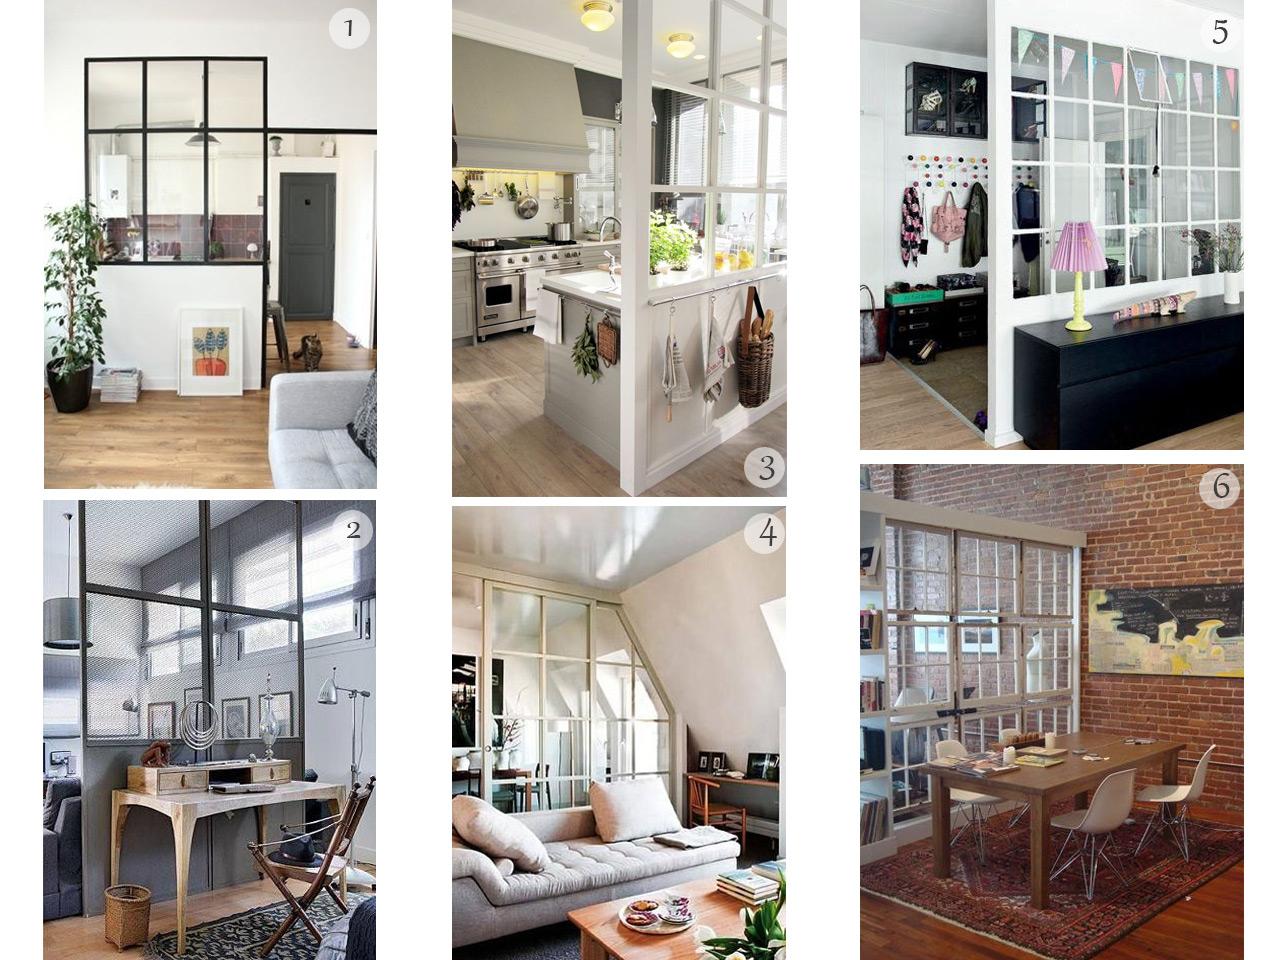 Dividir espacios abiertos con trucos decorativos for Programa para crear espacios interiores